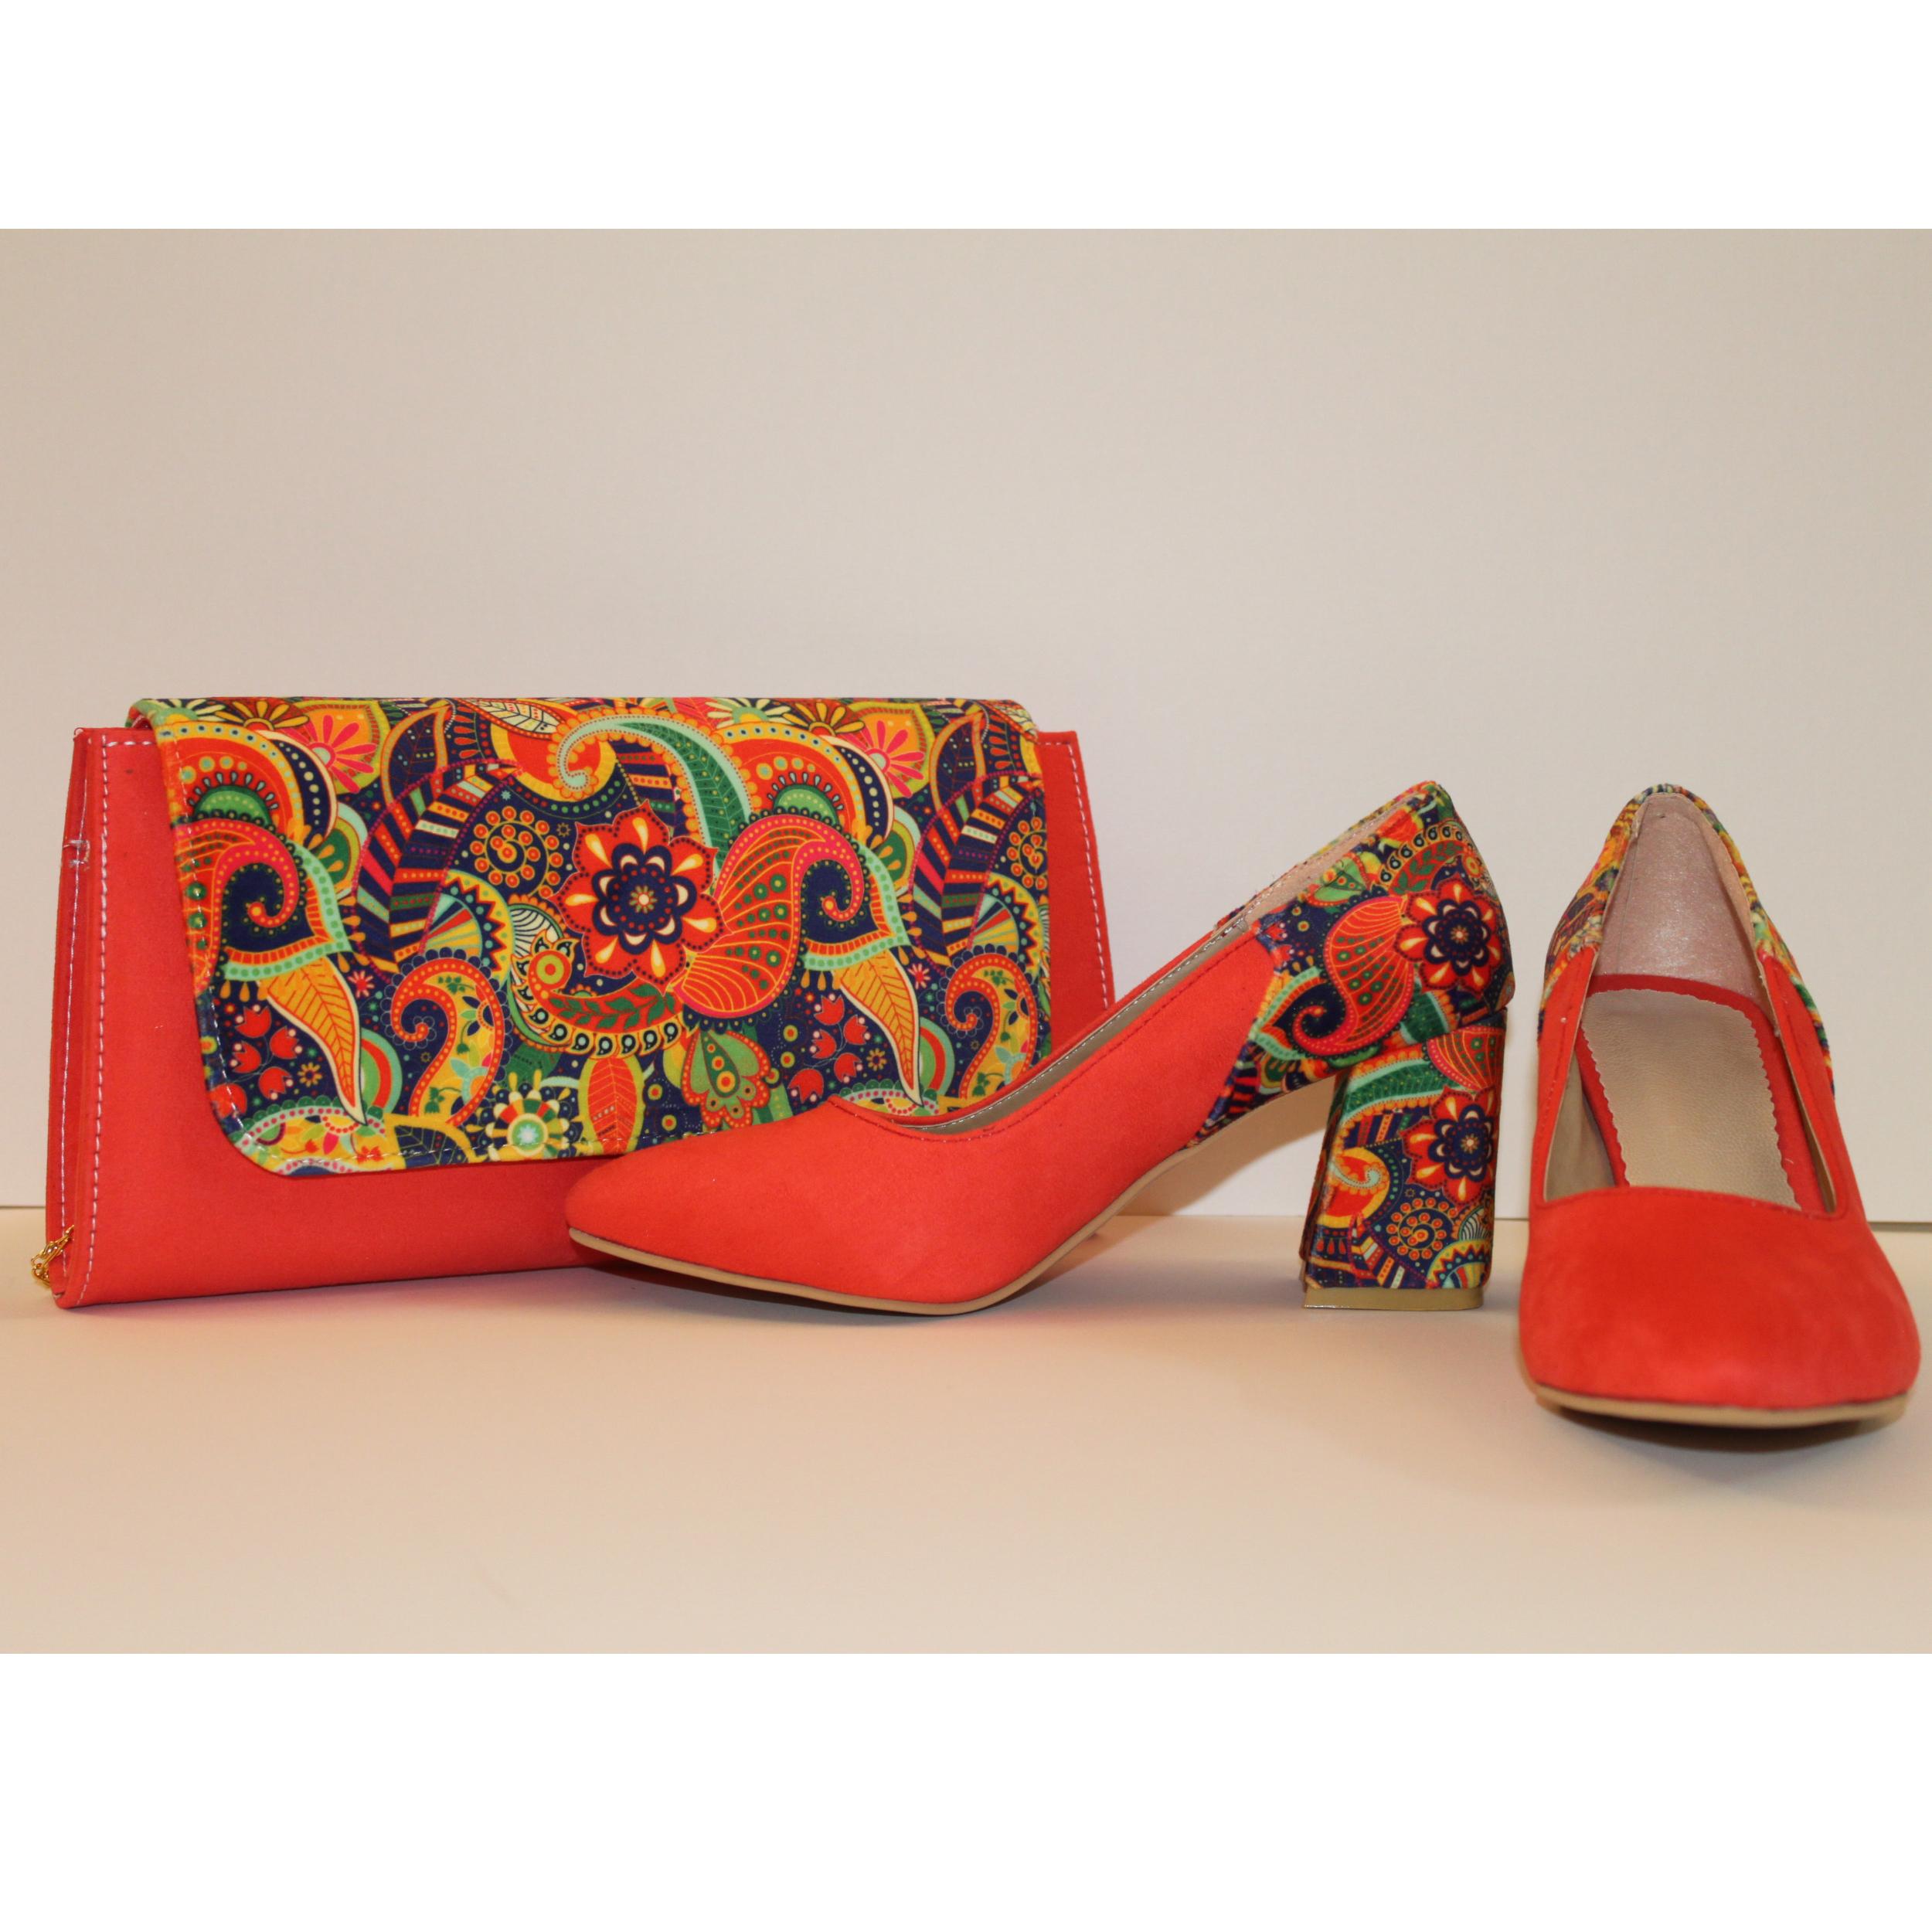 ست کیف و کفش زنانه کد 204 main 1 6